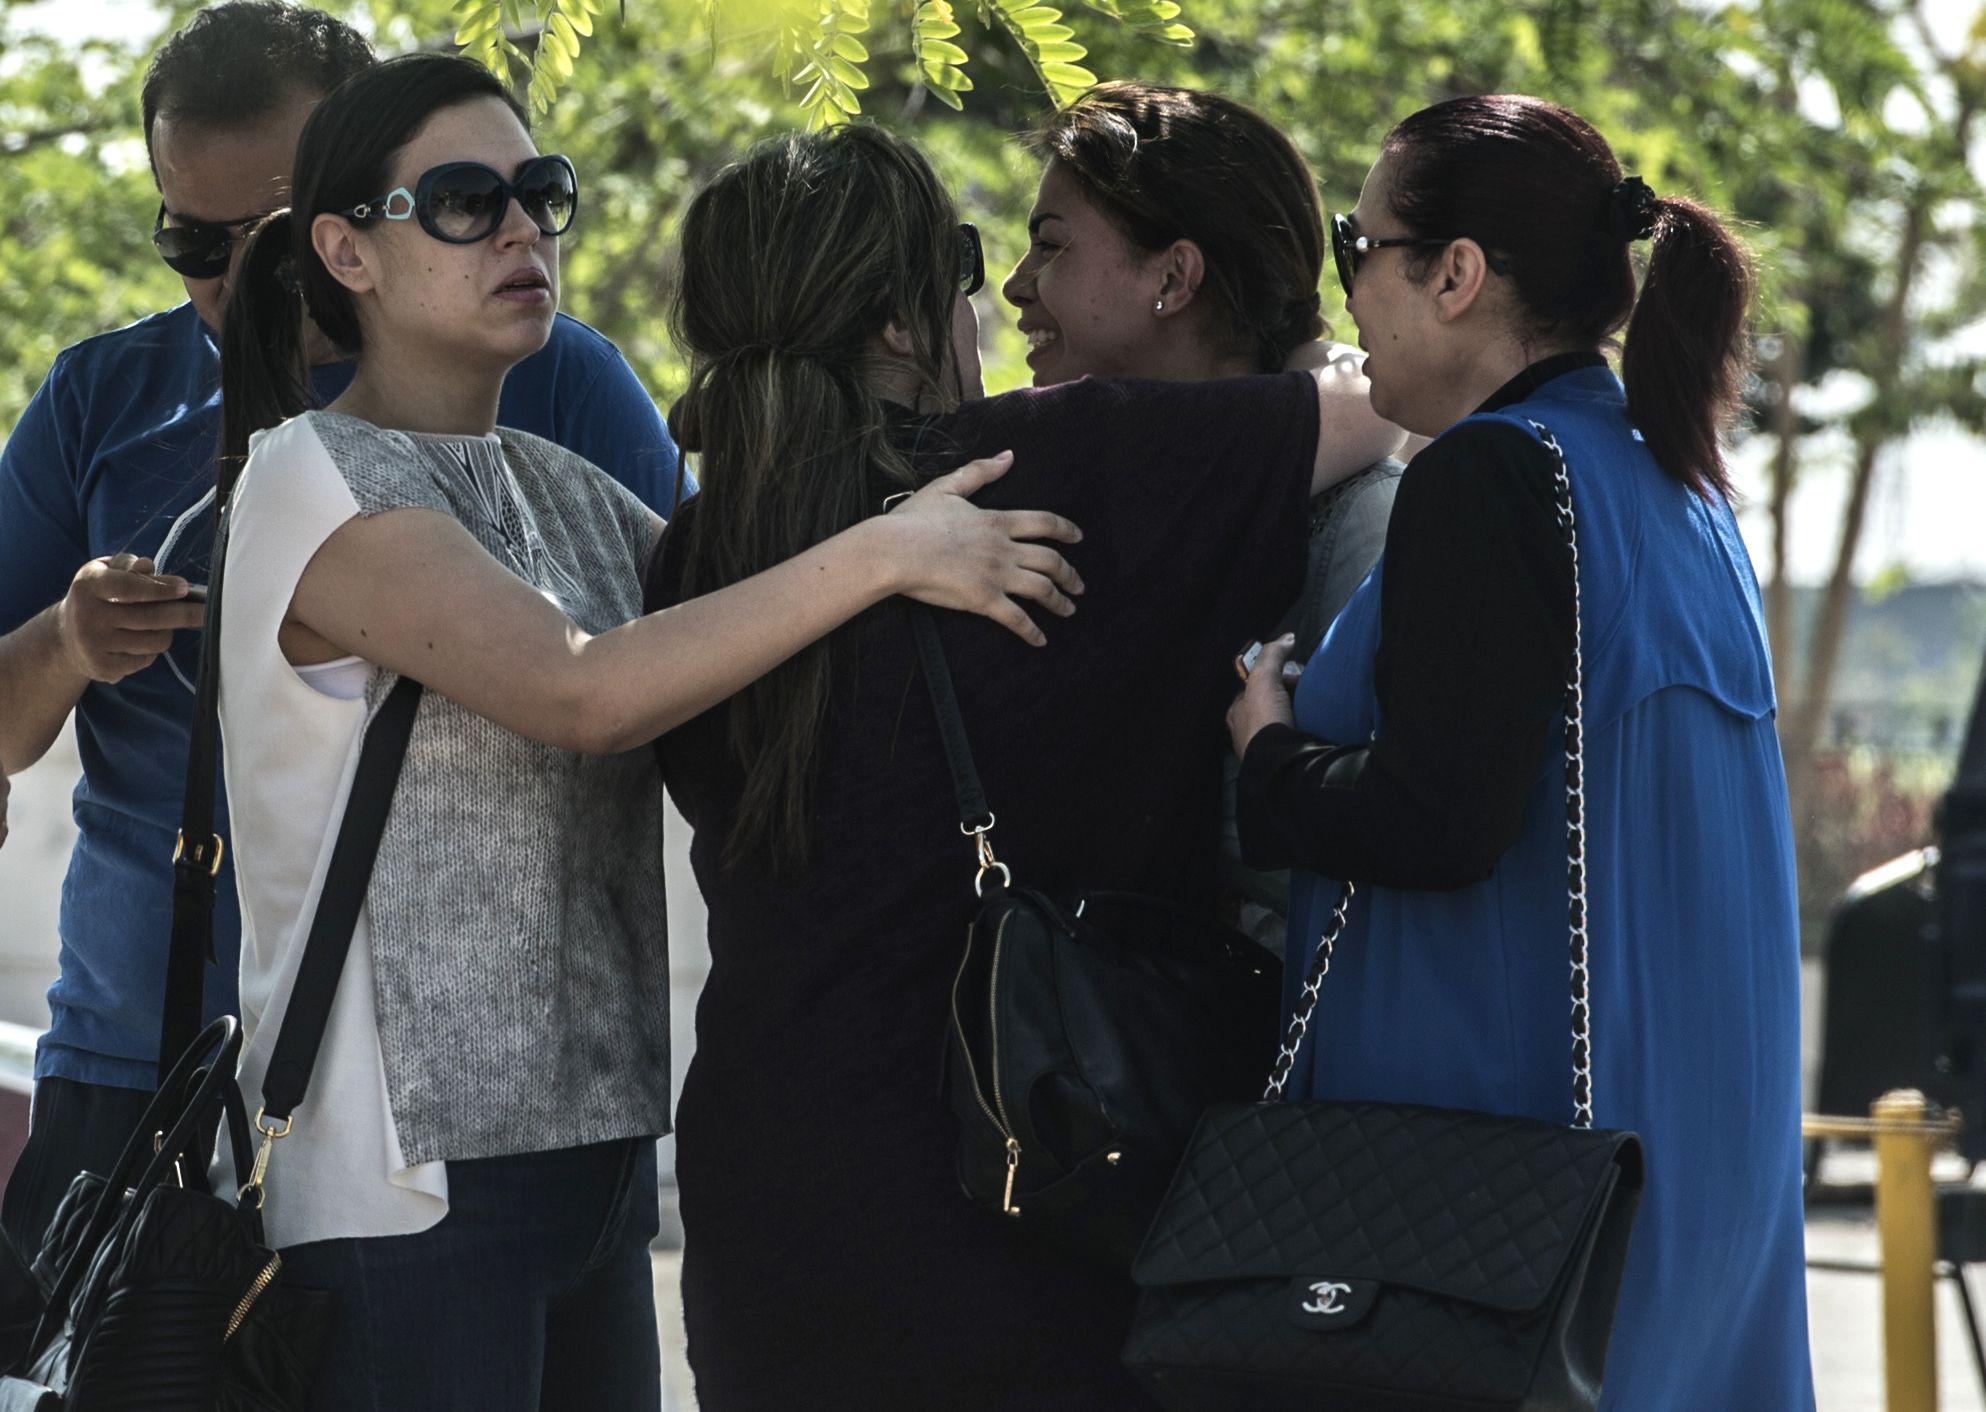 Relatives of EgyptAir flight passengers